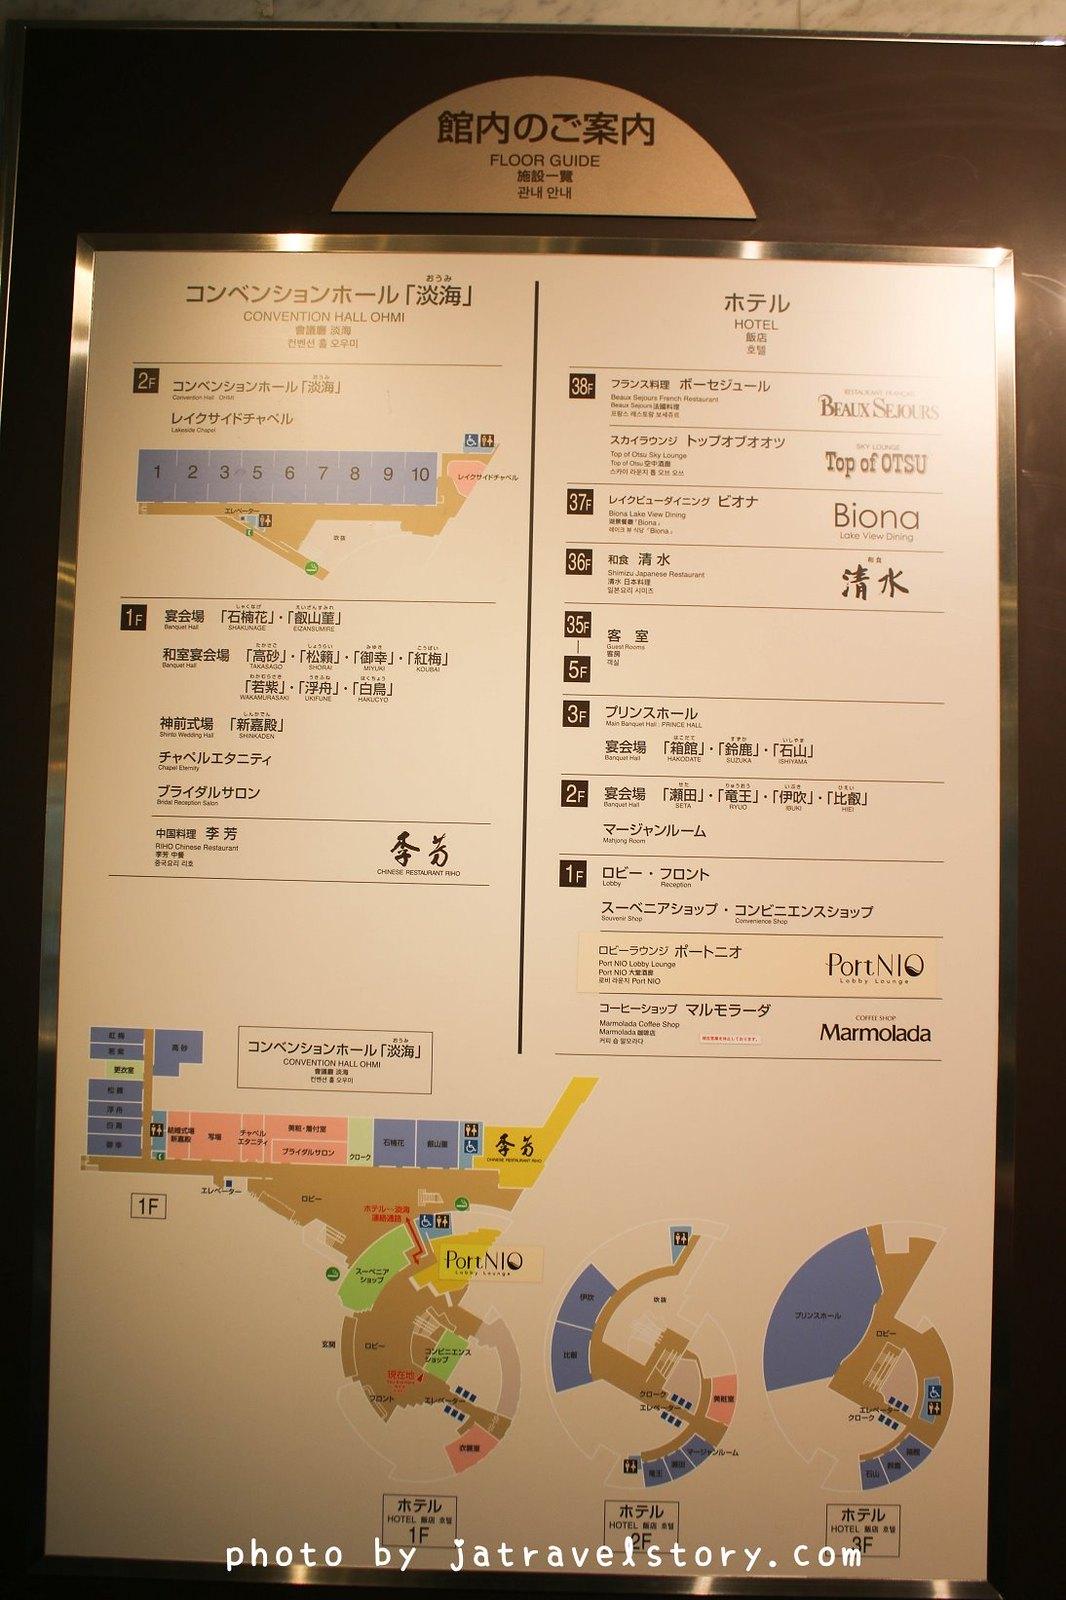 【滋賀大津住宿推薦】琵琶湖大津王子飯店 Prince Hotels 全房型皆能欣賞琵琶湖景色,提供免費接駁車、京都車站免費配送行李服務 @J&A的旅行